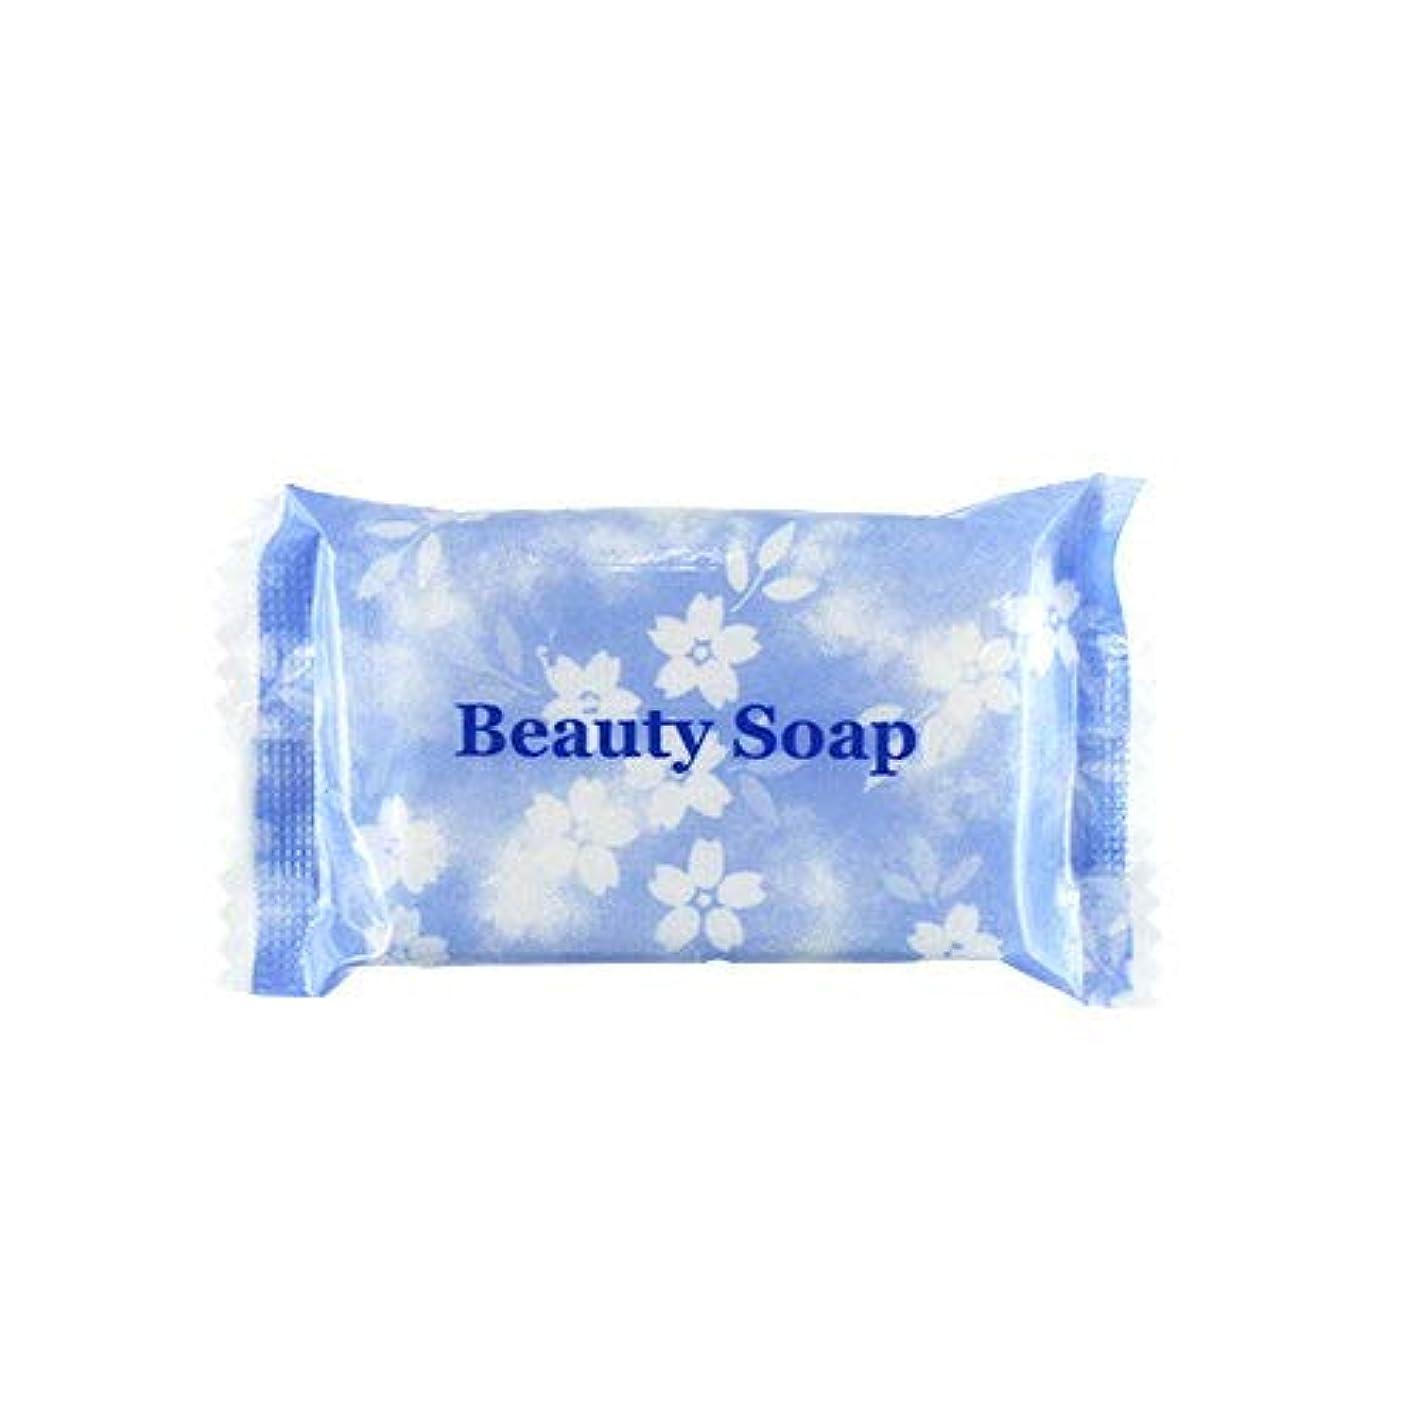 進捗バルーン浸食業務用 クロバーコーポレーション ビューティーソープ(Beauty Soap) 15g×40個セット | ホテルアメニティ 個包装